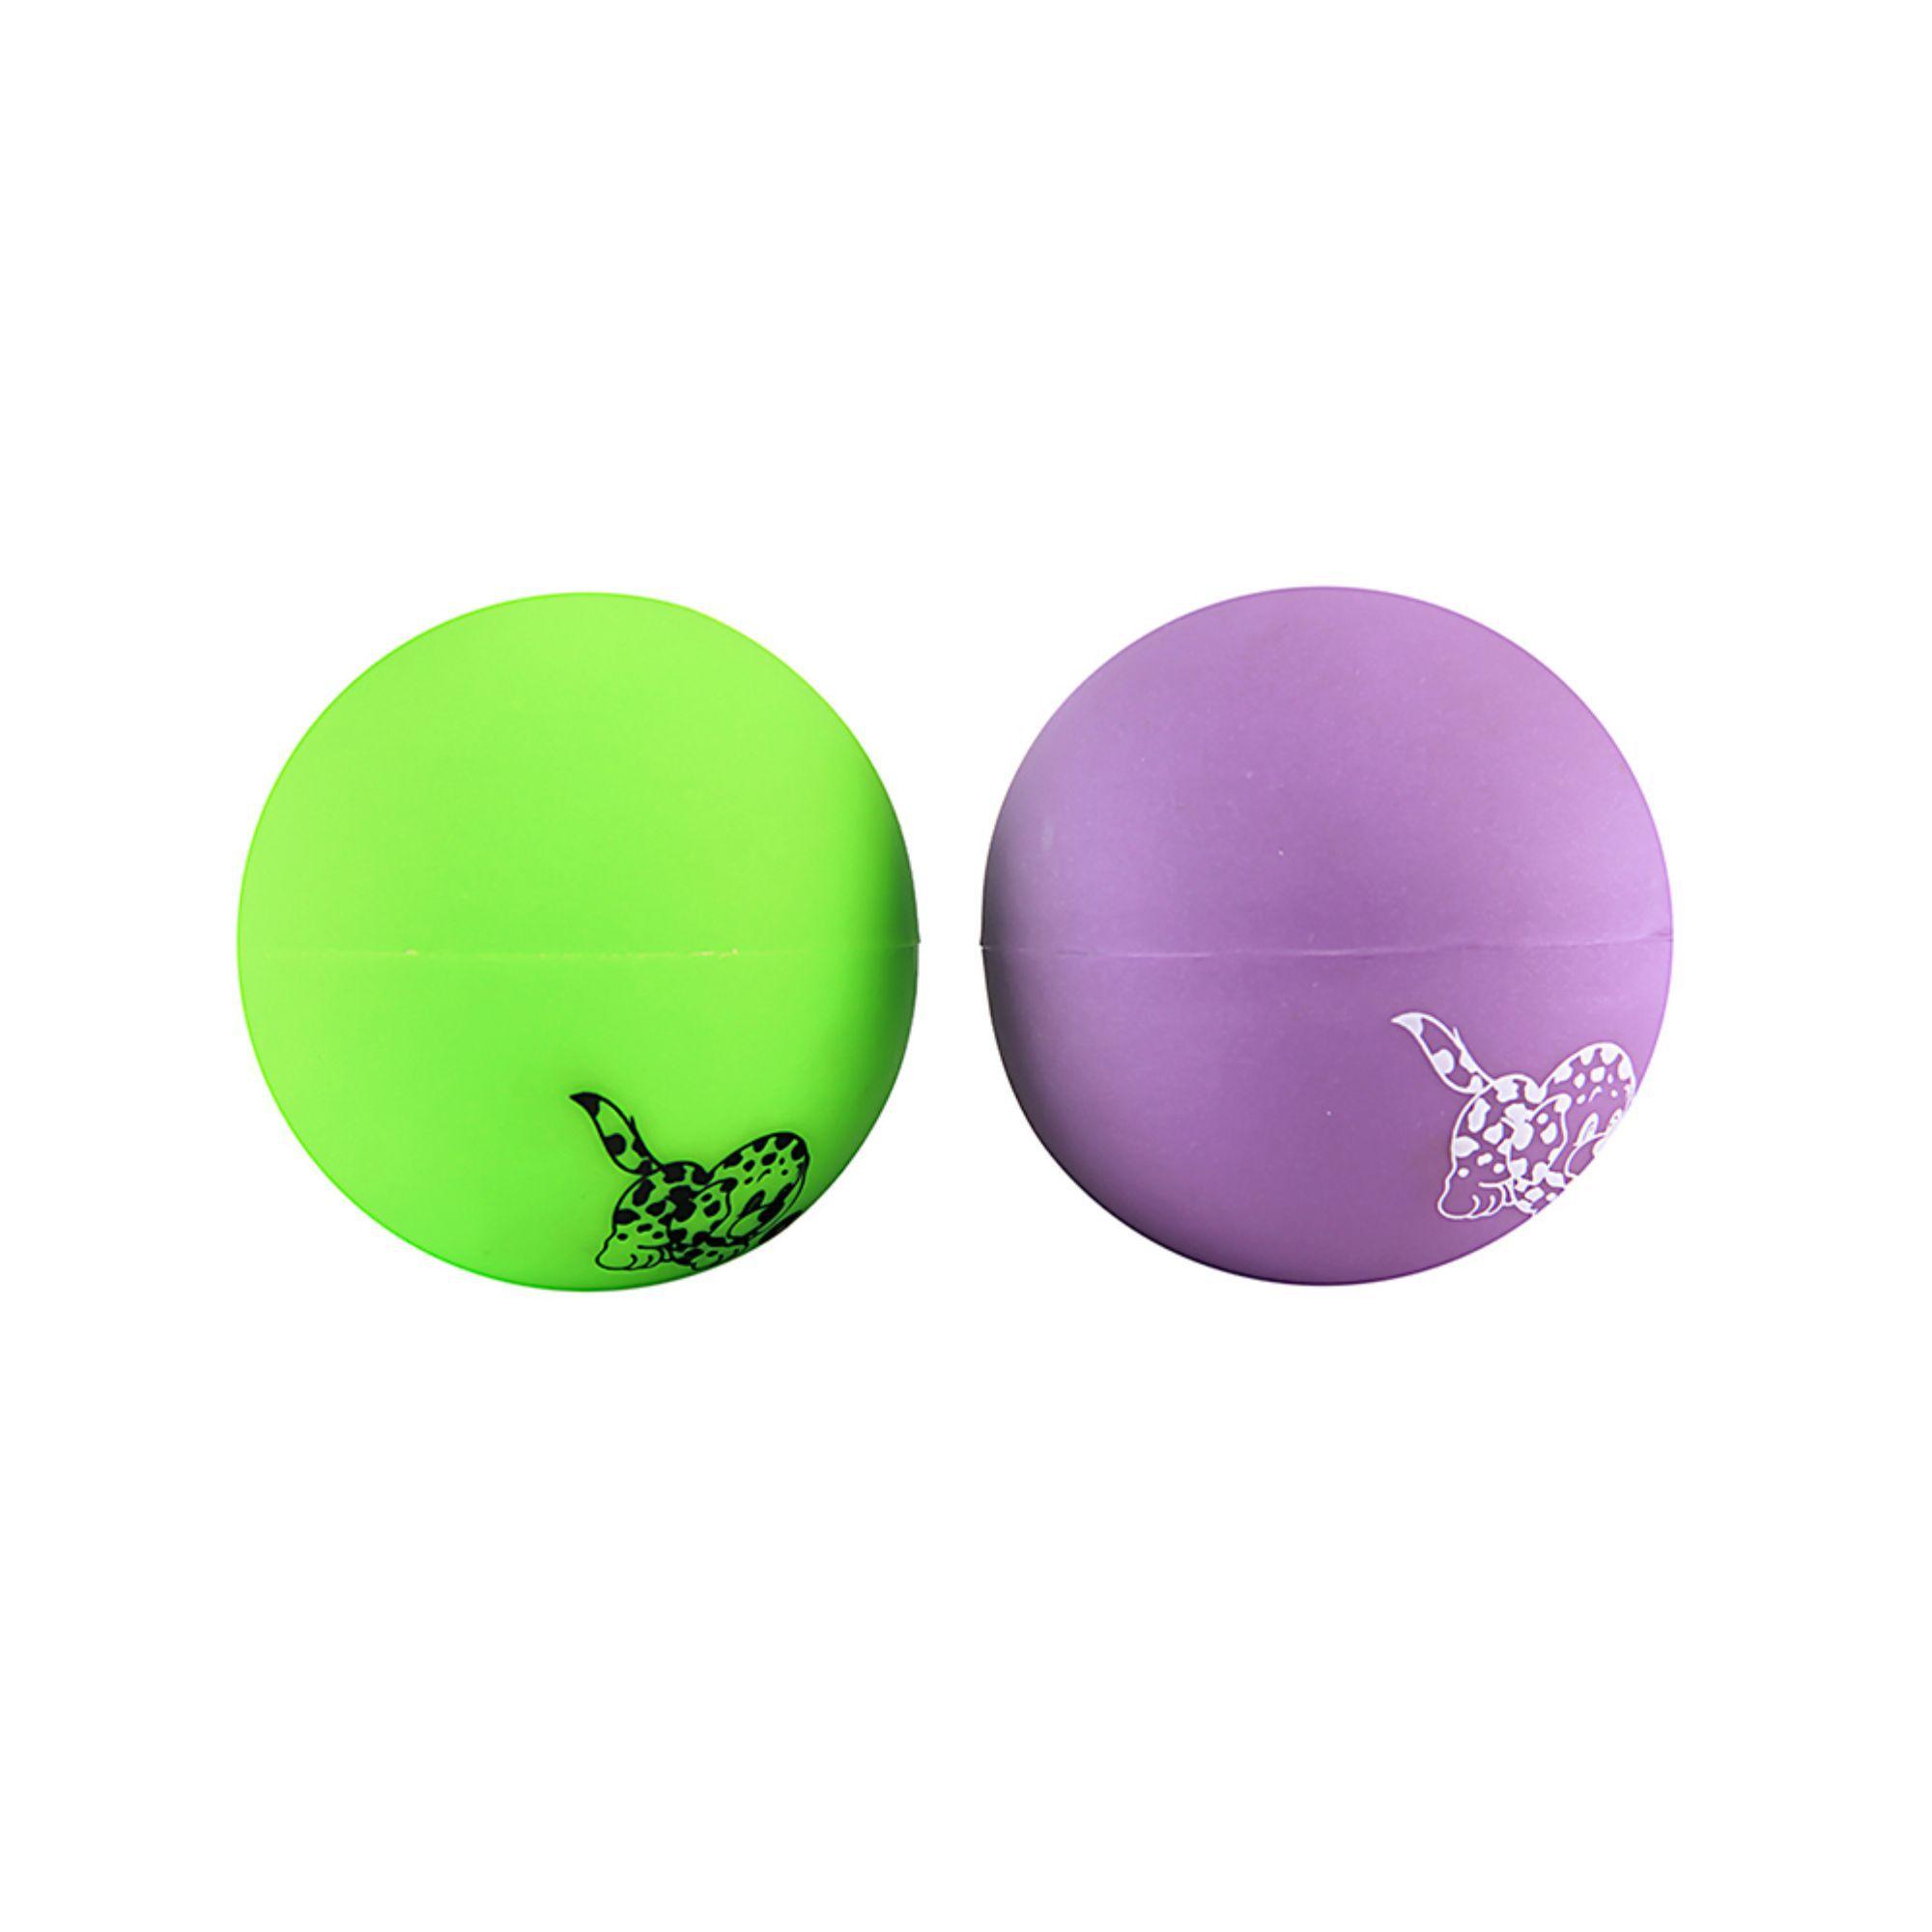 Bola maciça para adestramento para cachorro